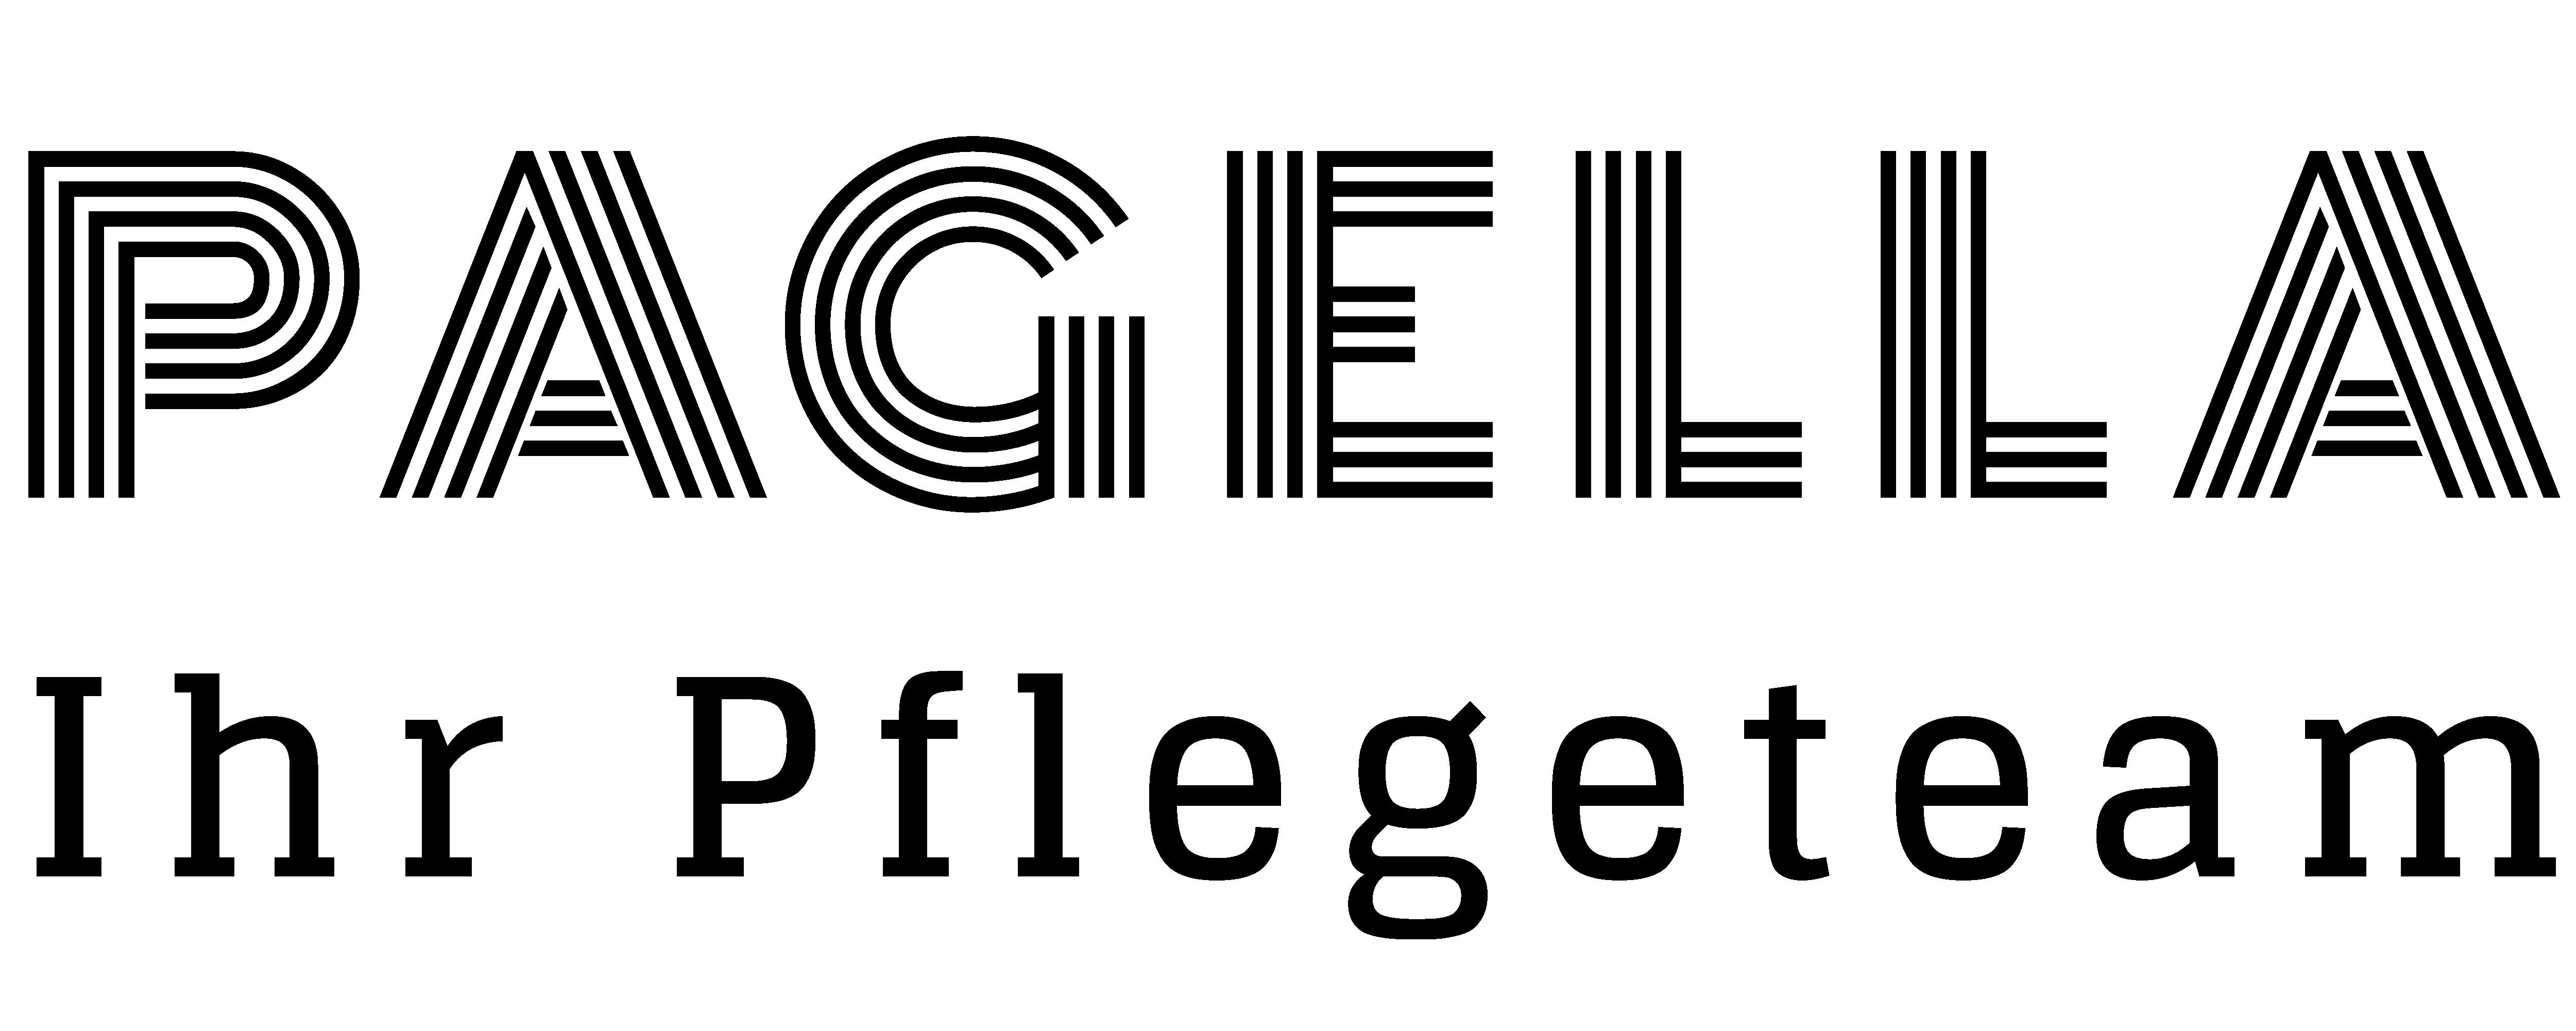 Pagella - Altenpflege in Charlottenburg-Wilmersdorf, Steglitz-Zehlendorf